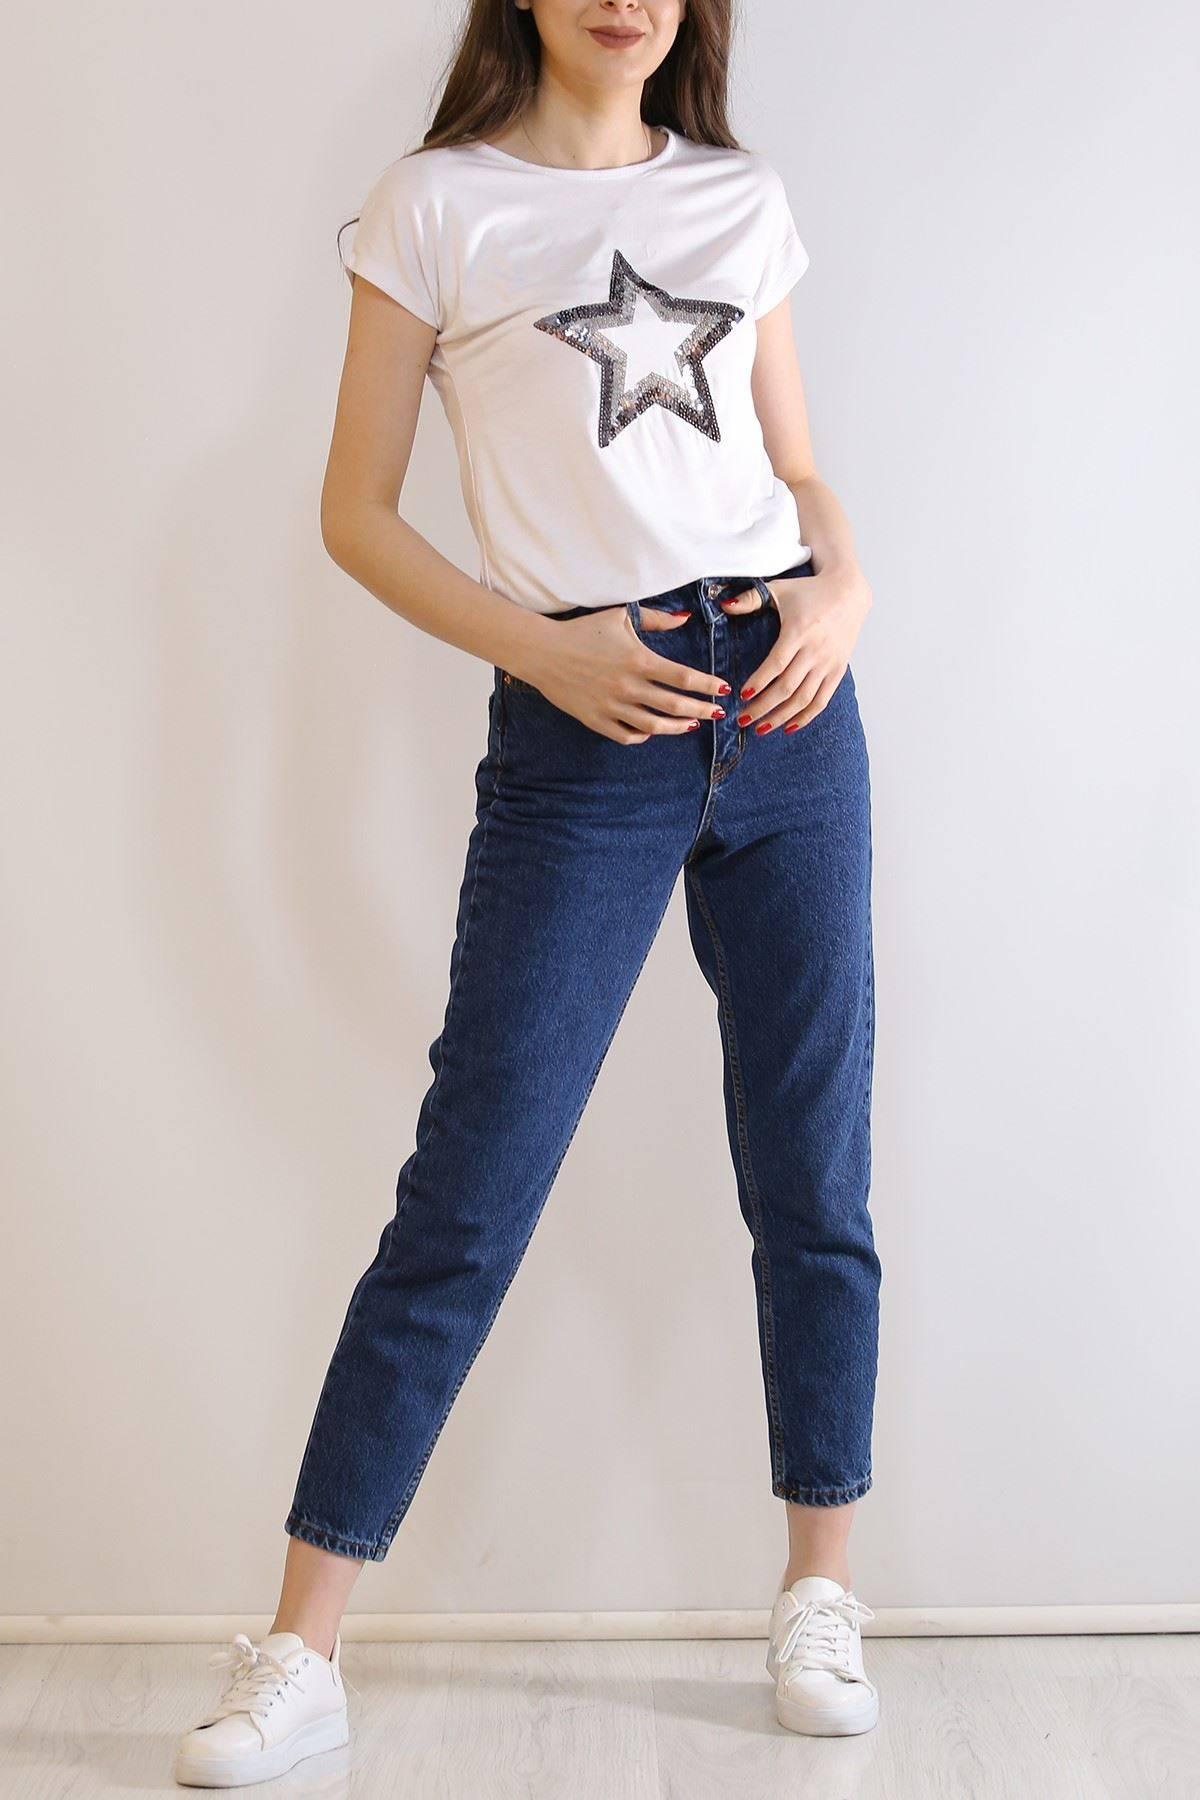 Pullu Yıldız Tişört Beyaz - 5031.139.